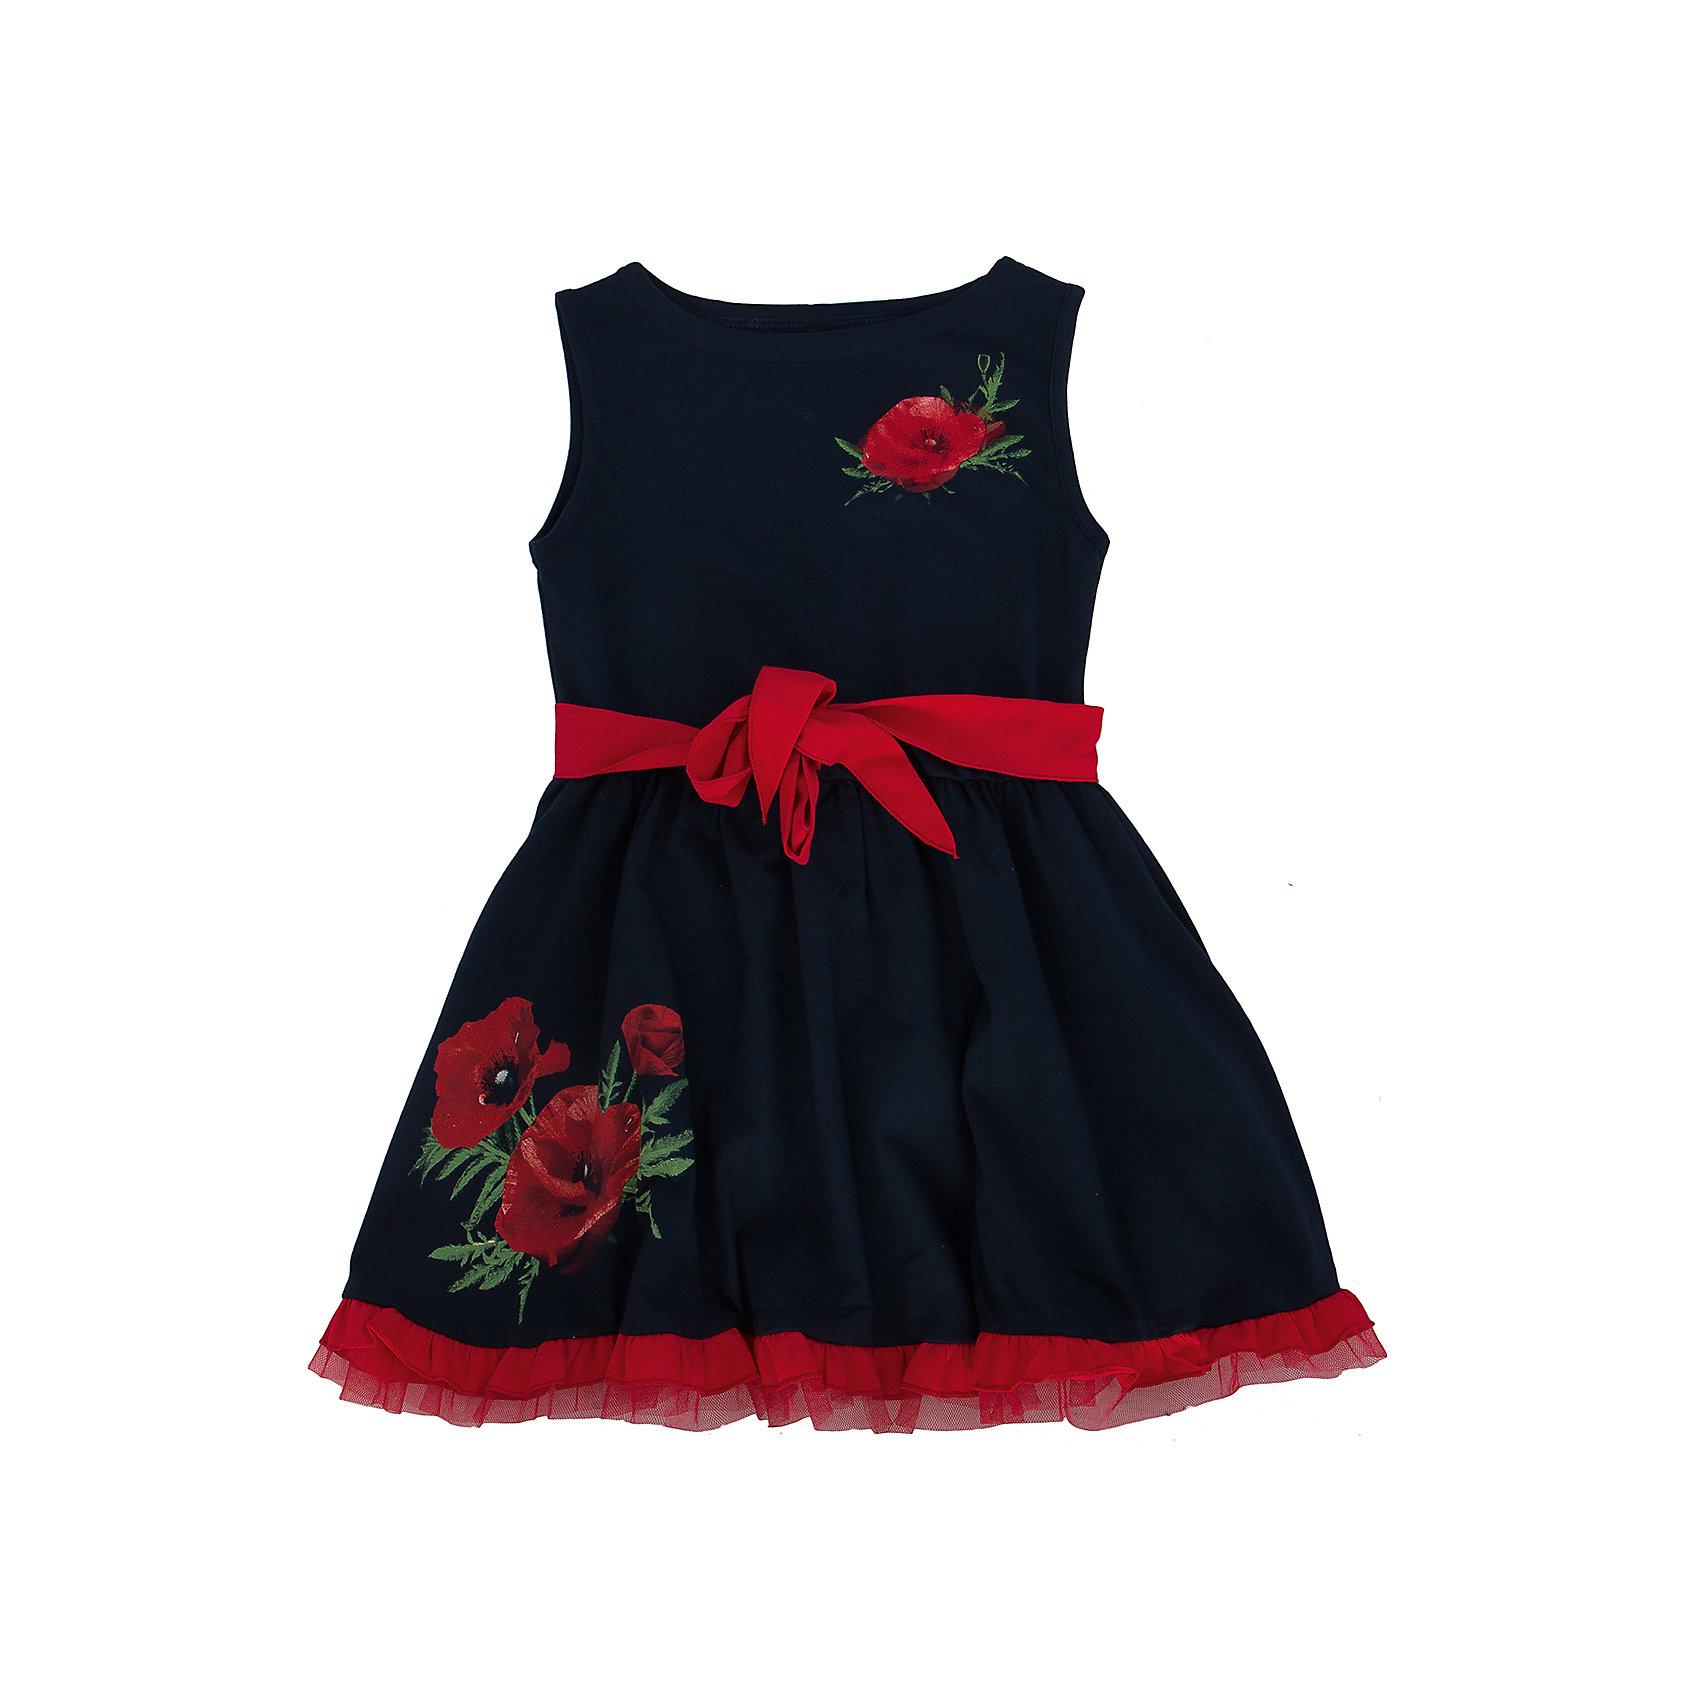 Платье АпрельПлатья и сарафаны<br>Стильное летнее платье, выполненное из тонкого хлопкового полотна. Платье от торговой марки  Апрель из коллекции Маки— модель, которая идеально подходит по всем параметрам, потому что платье изготовлено из безопасных материалов и имеет необходимые сертификаты качества, скроено с учётом всех важных особенностей строения детской фигуры, за счёт чего обеспечивает исключительный комфорт;  отличается дизайном, который определённо понравится девочке. Приятное на ощупь, не сковывает движения, обеспечивая наибольший комфорт. Изделие прямого кроя с короткими рукавами, декорировано эффектным дизайнерским принтом. Отличный вариант для прогулки и праздника! Рекомендуется машинная стирка при температуре 40 градусов без предварительного замачивания.<br><br>Дополнительная информация:<br><br>- ткань: кулир<br> - состав: 92% хлопок 8% лайкра<br>- длина рукава: короткие<br>- вид застежки: кнопки<br>- вид бретелек: без бретелек<br>- длина изделия: по спинке: 52 см<br>- фактура материала: трикотажный<br>- длина юбки: мини<br>- тип карманов: без карманов<br>- по назначению: повседневный стиль<br>- цвет: темно-синий, красный, белый<br>- сезон: лето<br>- пол: девочки<br>- страна бренда: Россия<br>- страна производитель: Россия<br>- комплектация: платье<br>- коллекция Маки<br><br>Платье коллекции Маки от торговой марки  Апрель можно купить в нашем интернет-магазине.<br><br>Ширина мм: 236<br>Глубина мм: 16<br>Высота мм: 184<br>Вес г: 177<br>Цвет: синий<br>Возраст от месяцев: 96<br>Возраст до месяцев: 108<br>Пол: Женский<br>Возраст: Детский<br>Размер: 134,146,128,116,140,110,122<br>SKU: 4630500